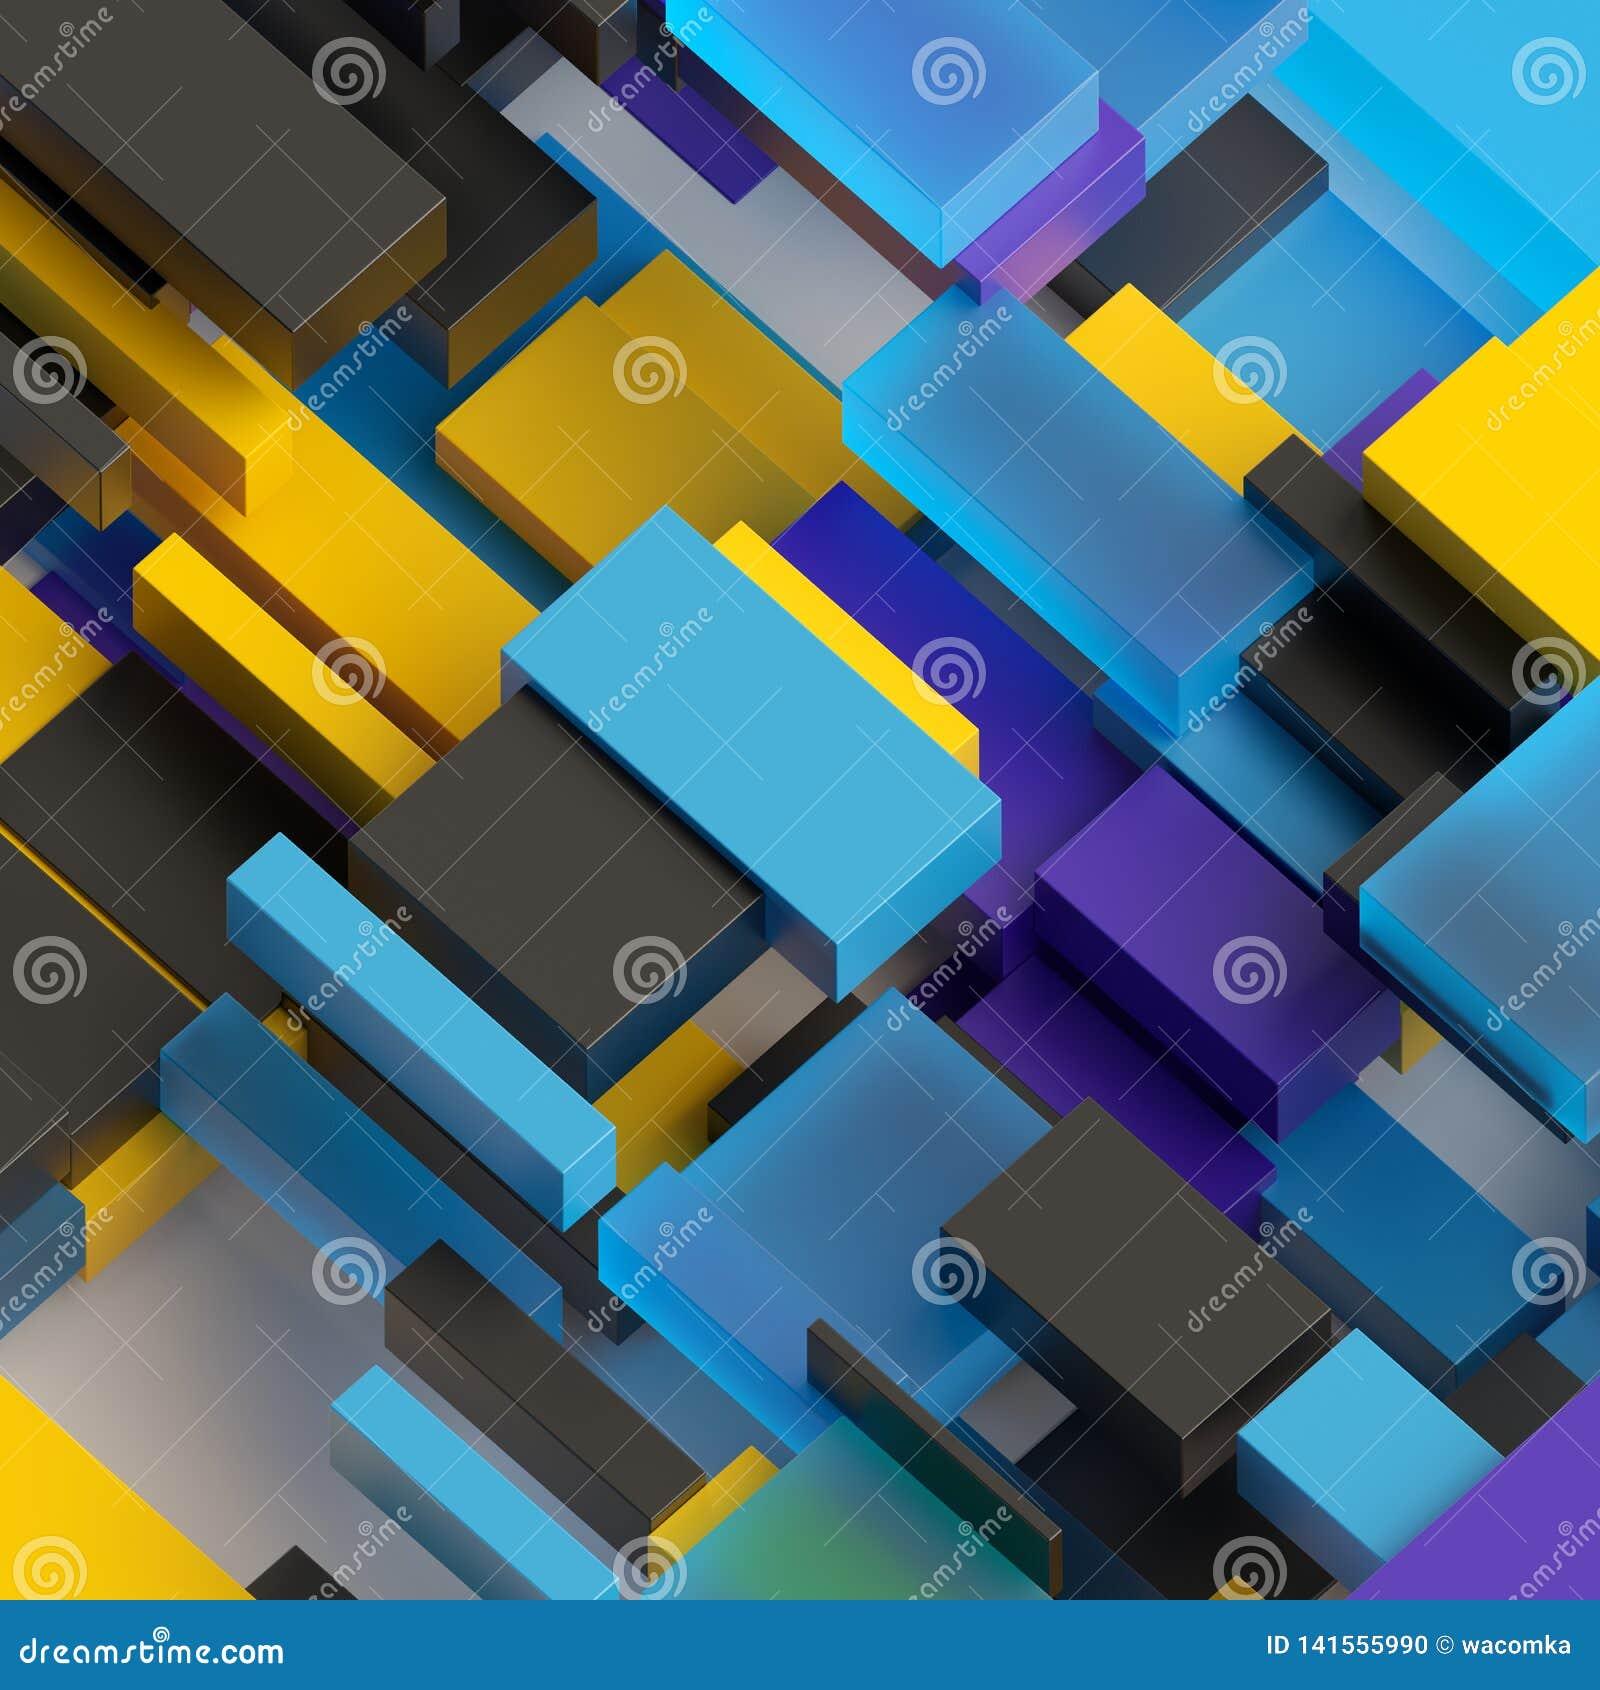 3d rendem, fundo geométrico abstrato, preto amarelo azul roxo, blocos coloridos, tijolos, camadas, teste padrão